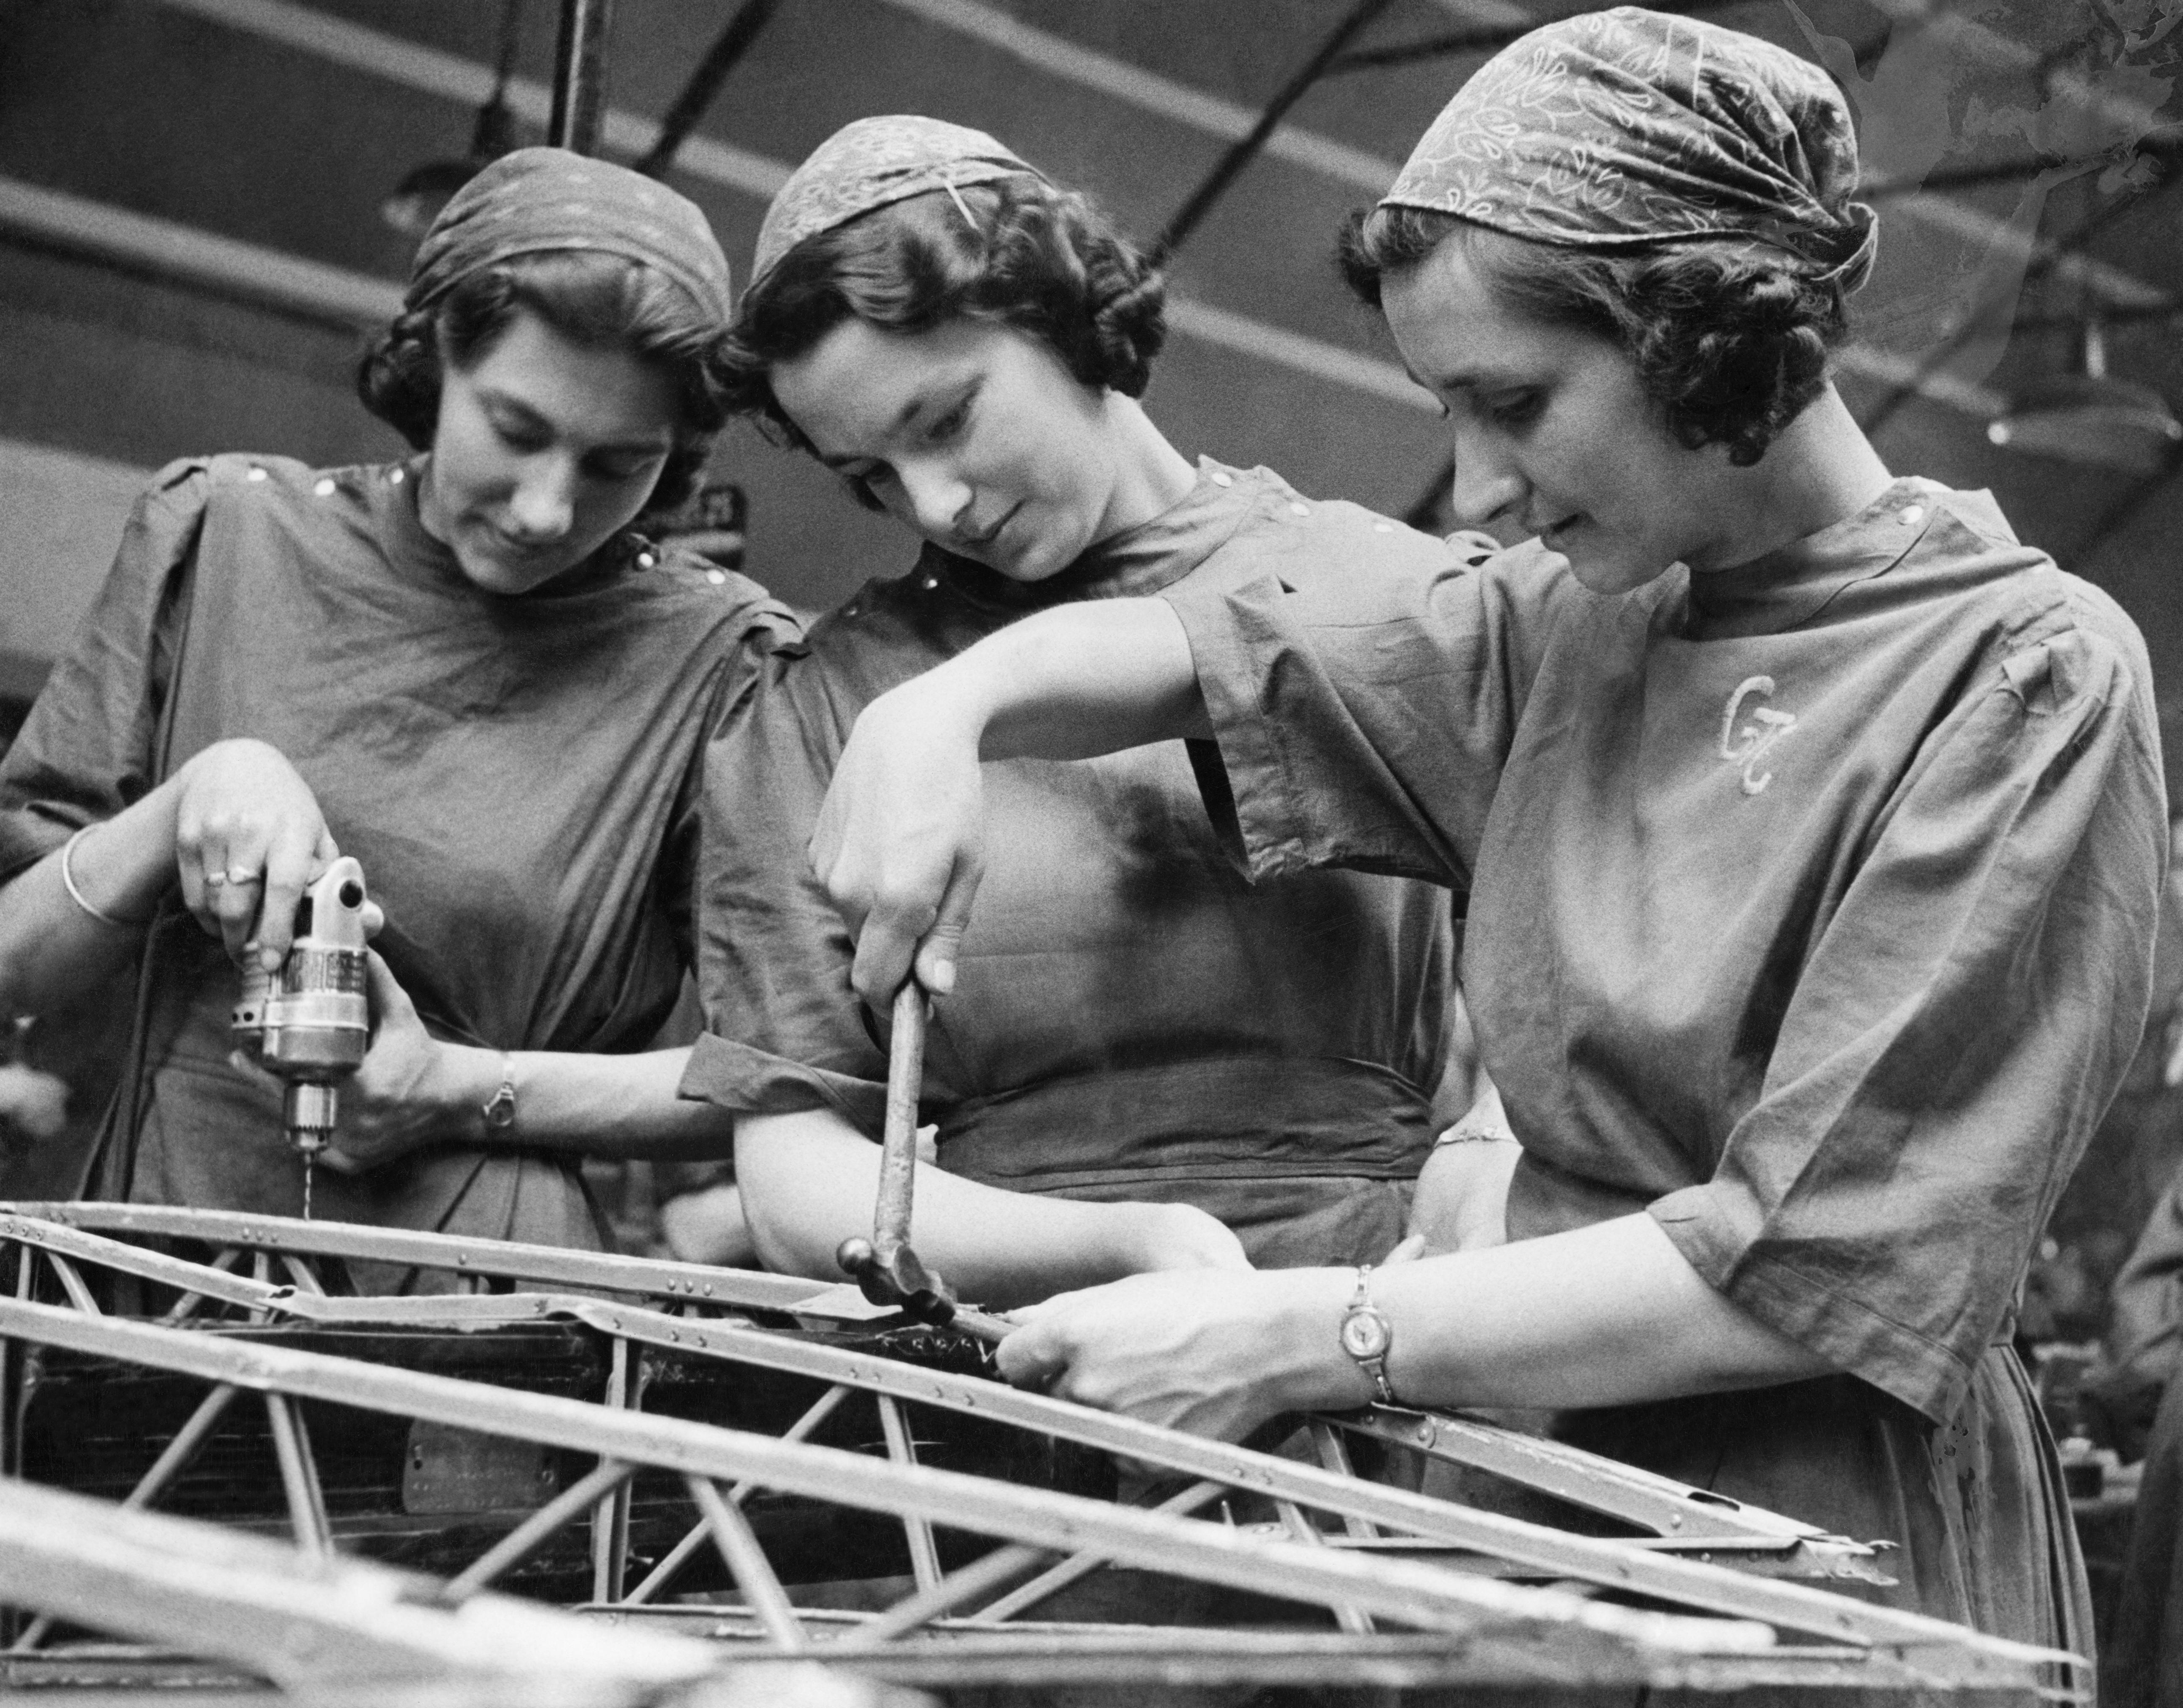 Mujeres trabajando Segunda Guerra Mundial